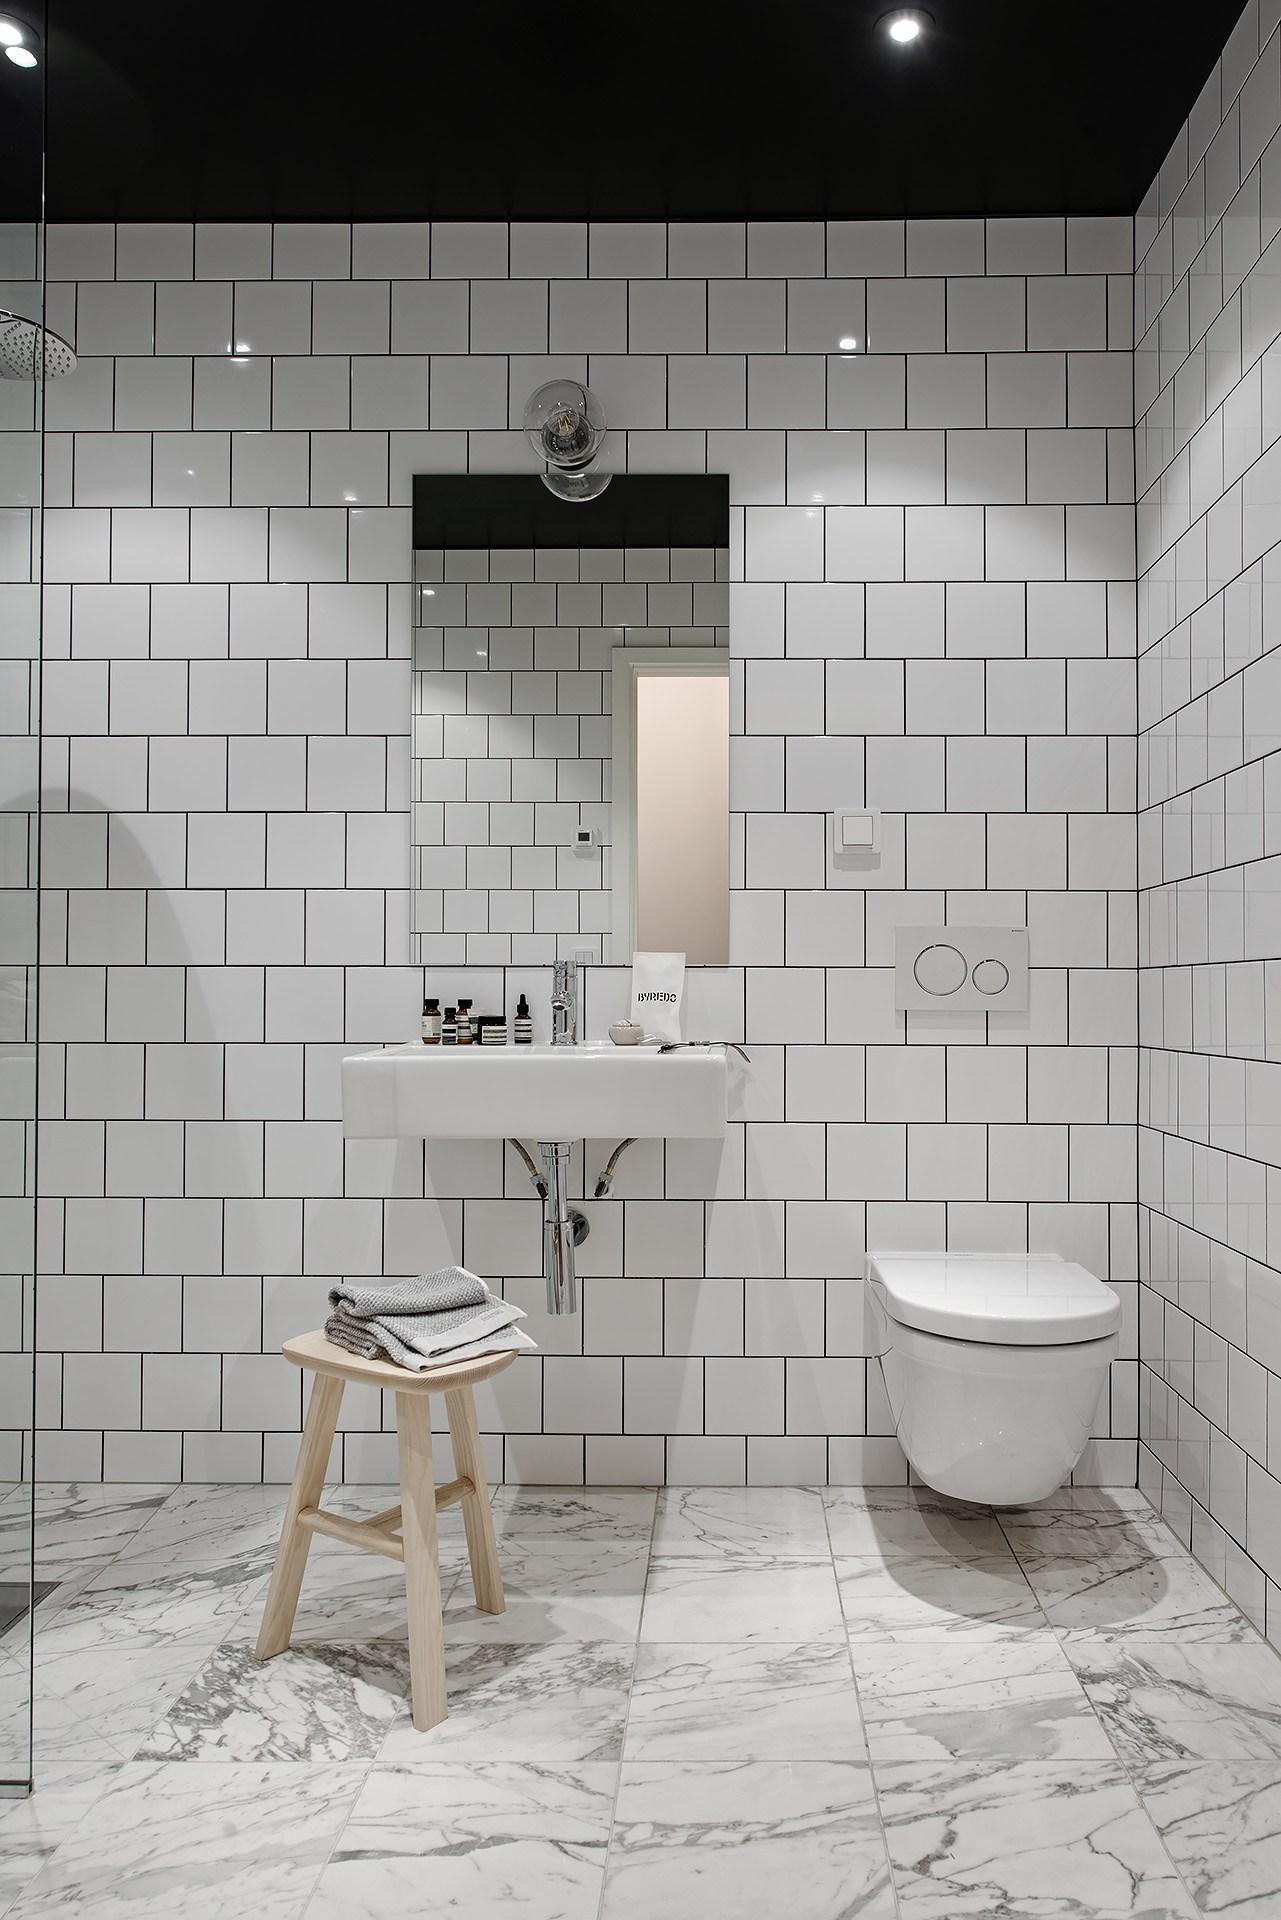 Łazienka z czarnym sufitem i marmurową podłogą